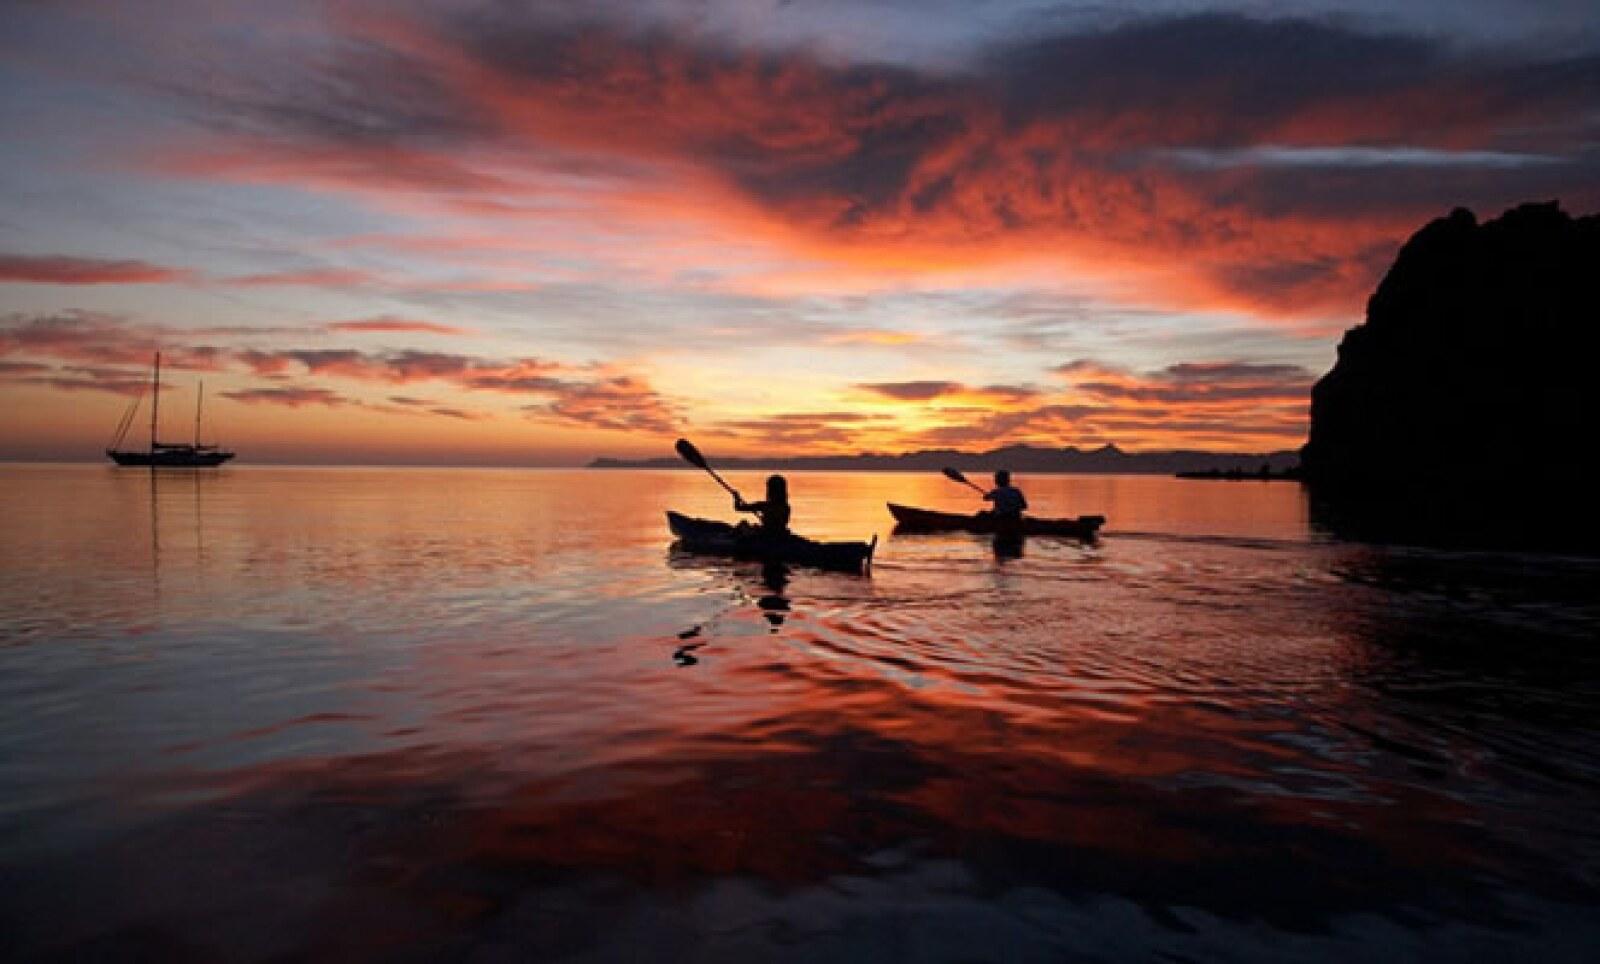 La ciudad de Loreto, a 350 kilómetros de la capital del estado, fue reconocida por el diario The New York Times en la octava posición dentro de los mejores 41 destinos para visitar a nivel mundial.